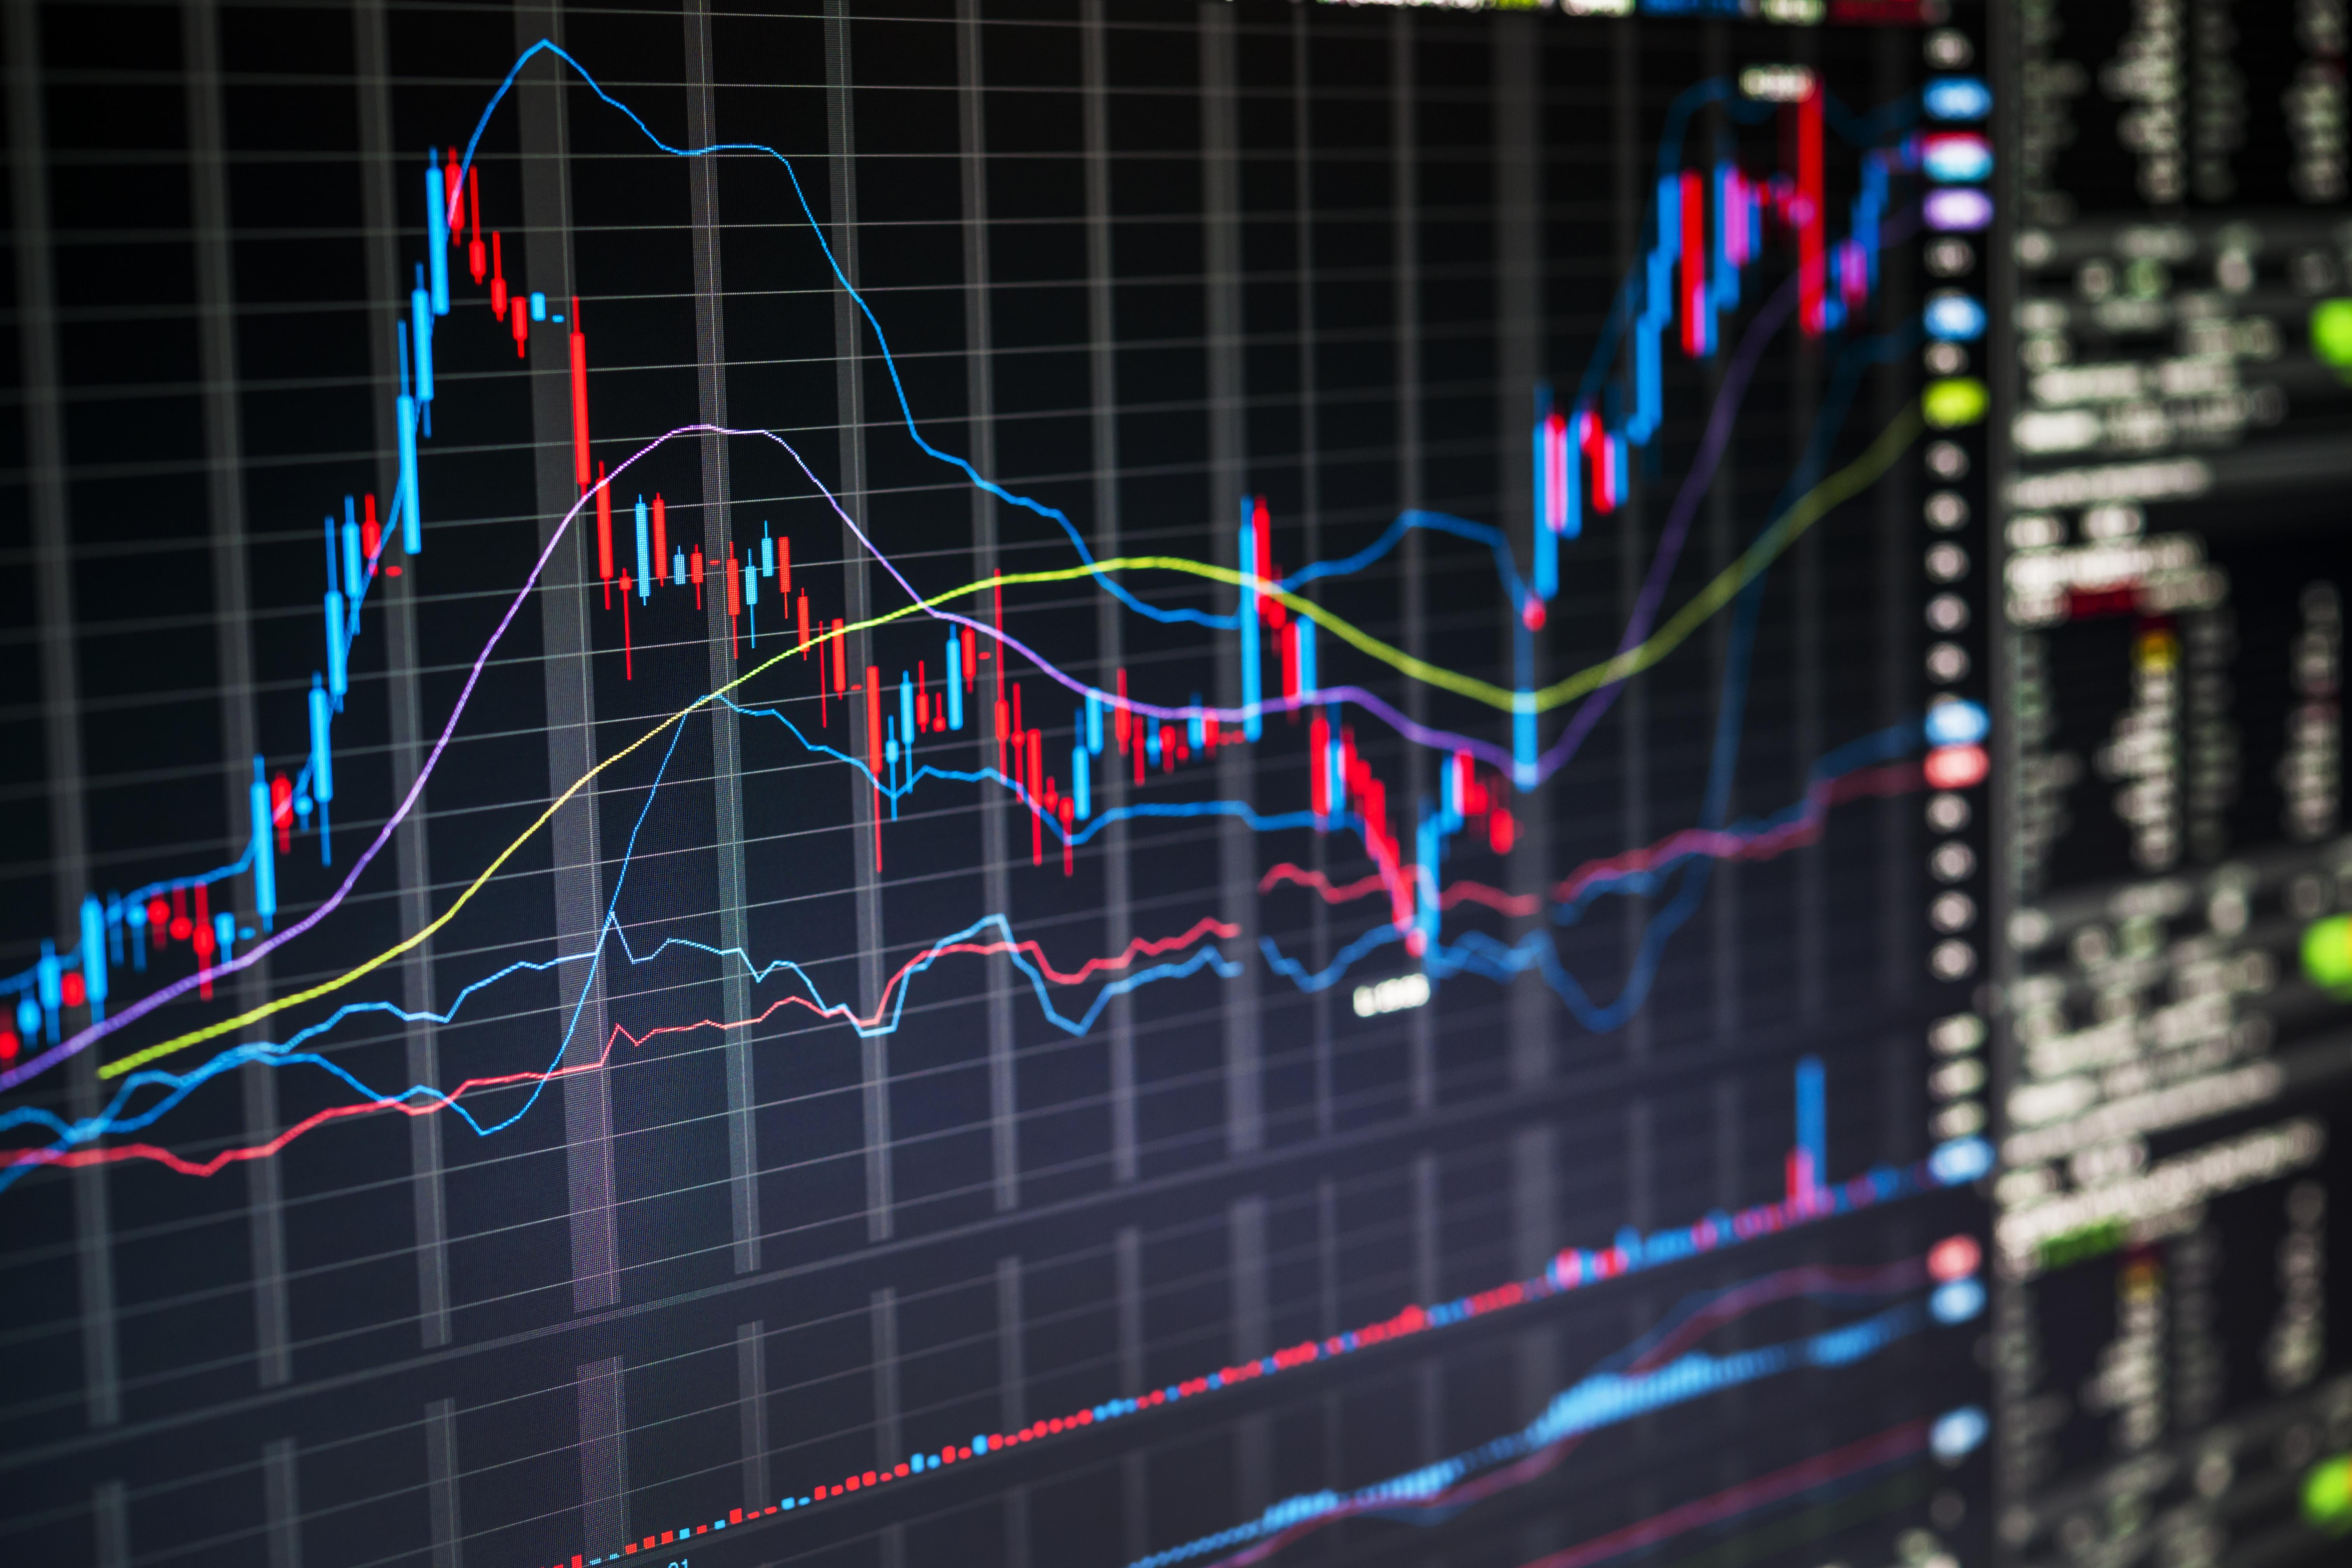 立足长线投资策略不变 保险机构看好A股投资价值